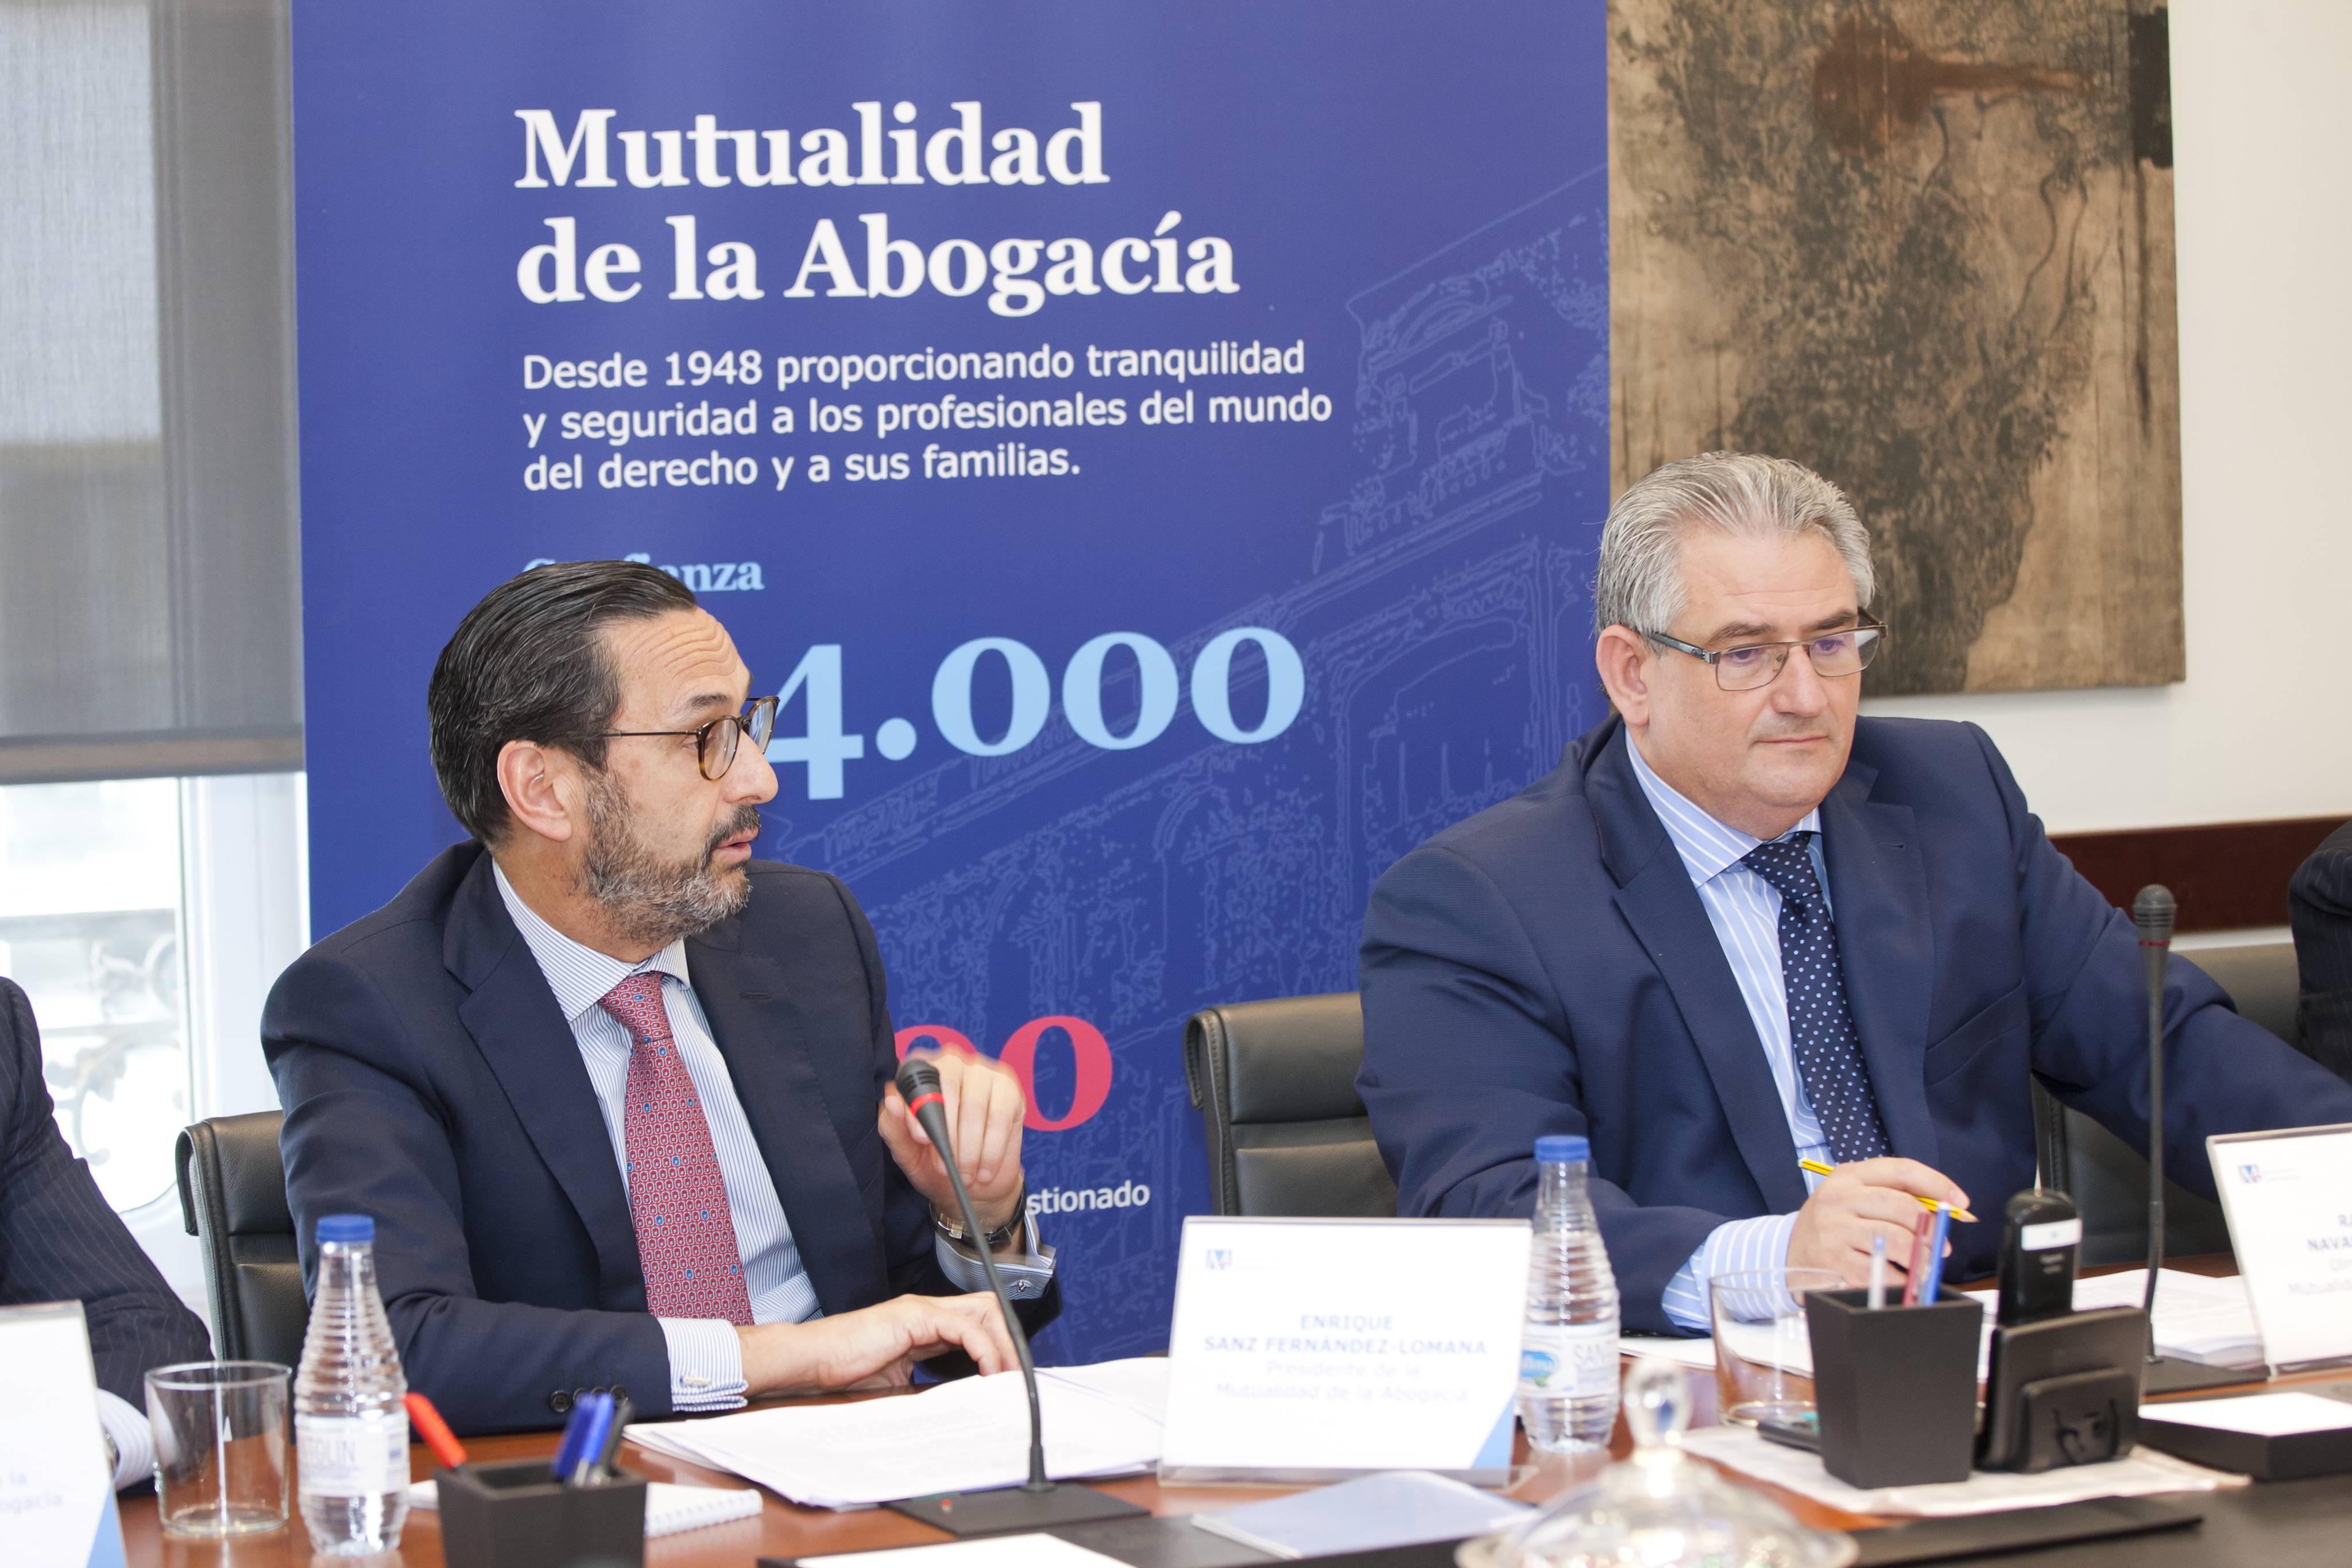 A la izda., el presidente de la Mutualidad, Enrique Sanz Fernández-Lomana